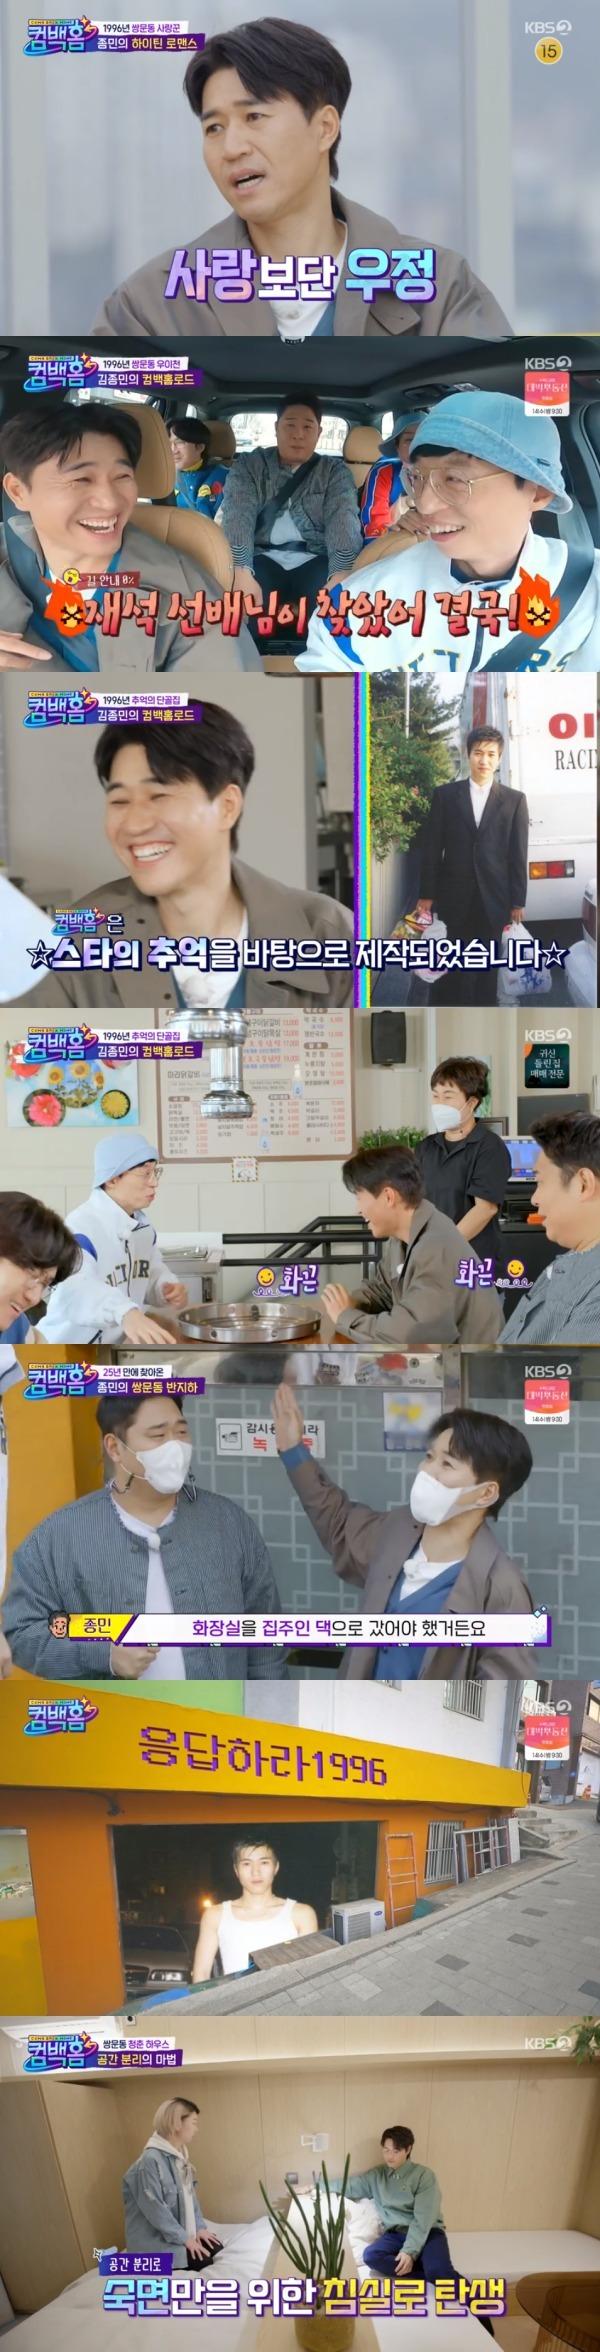 KBS 2TV '컴백홈' 방송 화면 캡처 © 뉴스1